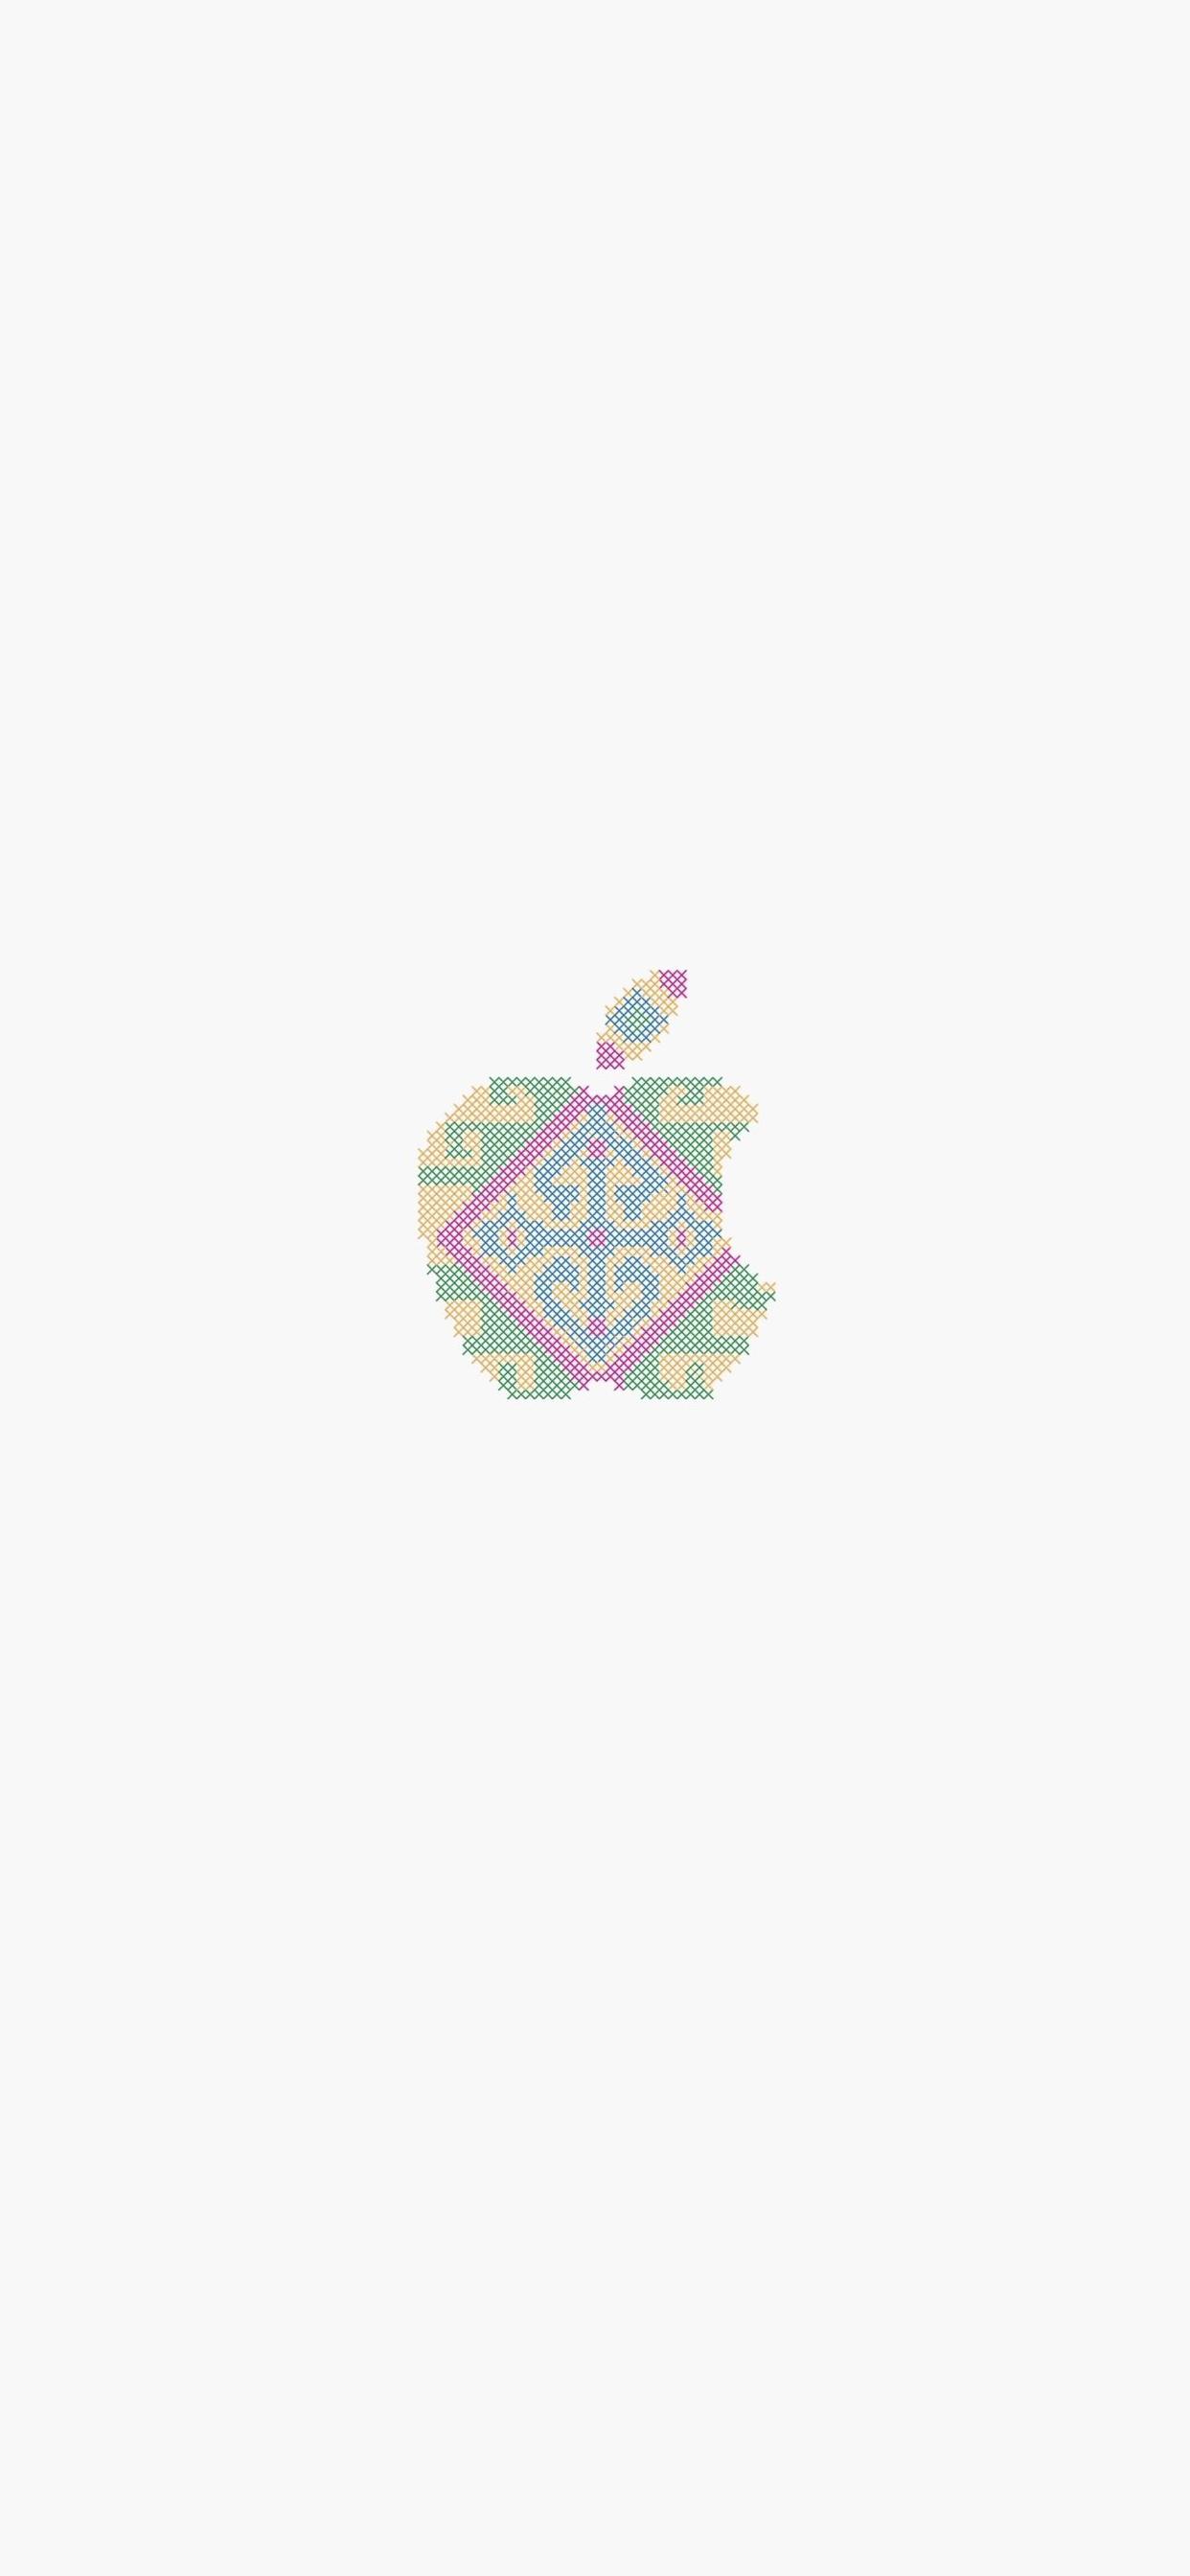 33 Fonds d'écran avec le logo Apple pour iPhone